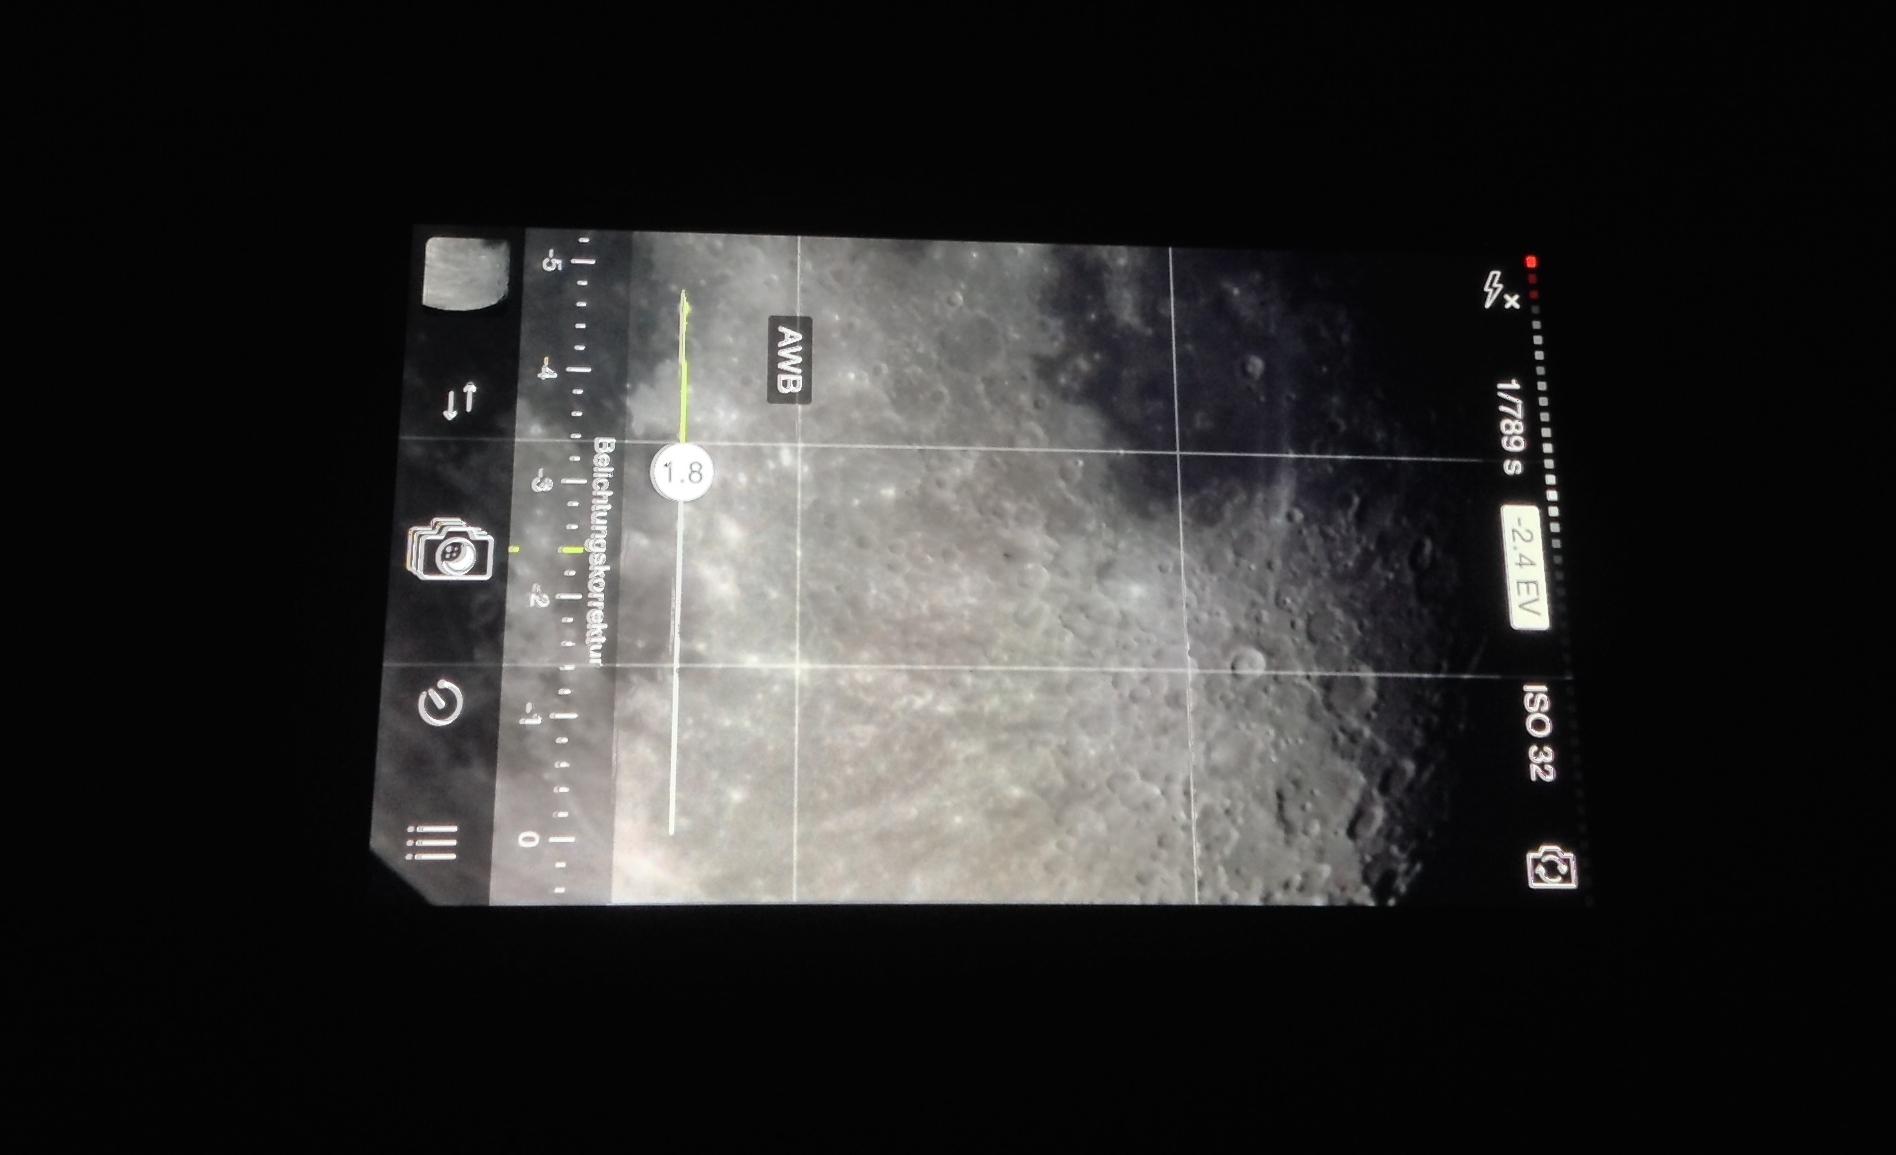 Astrofotografie mit dem iphone teil smartphone adapter und